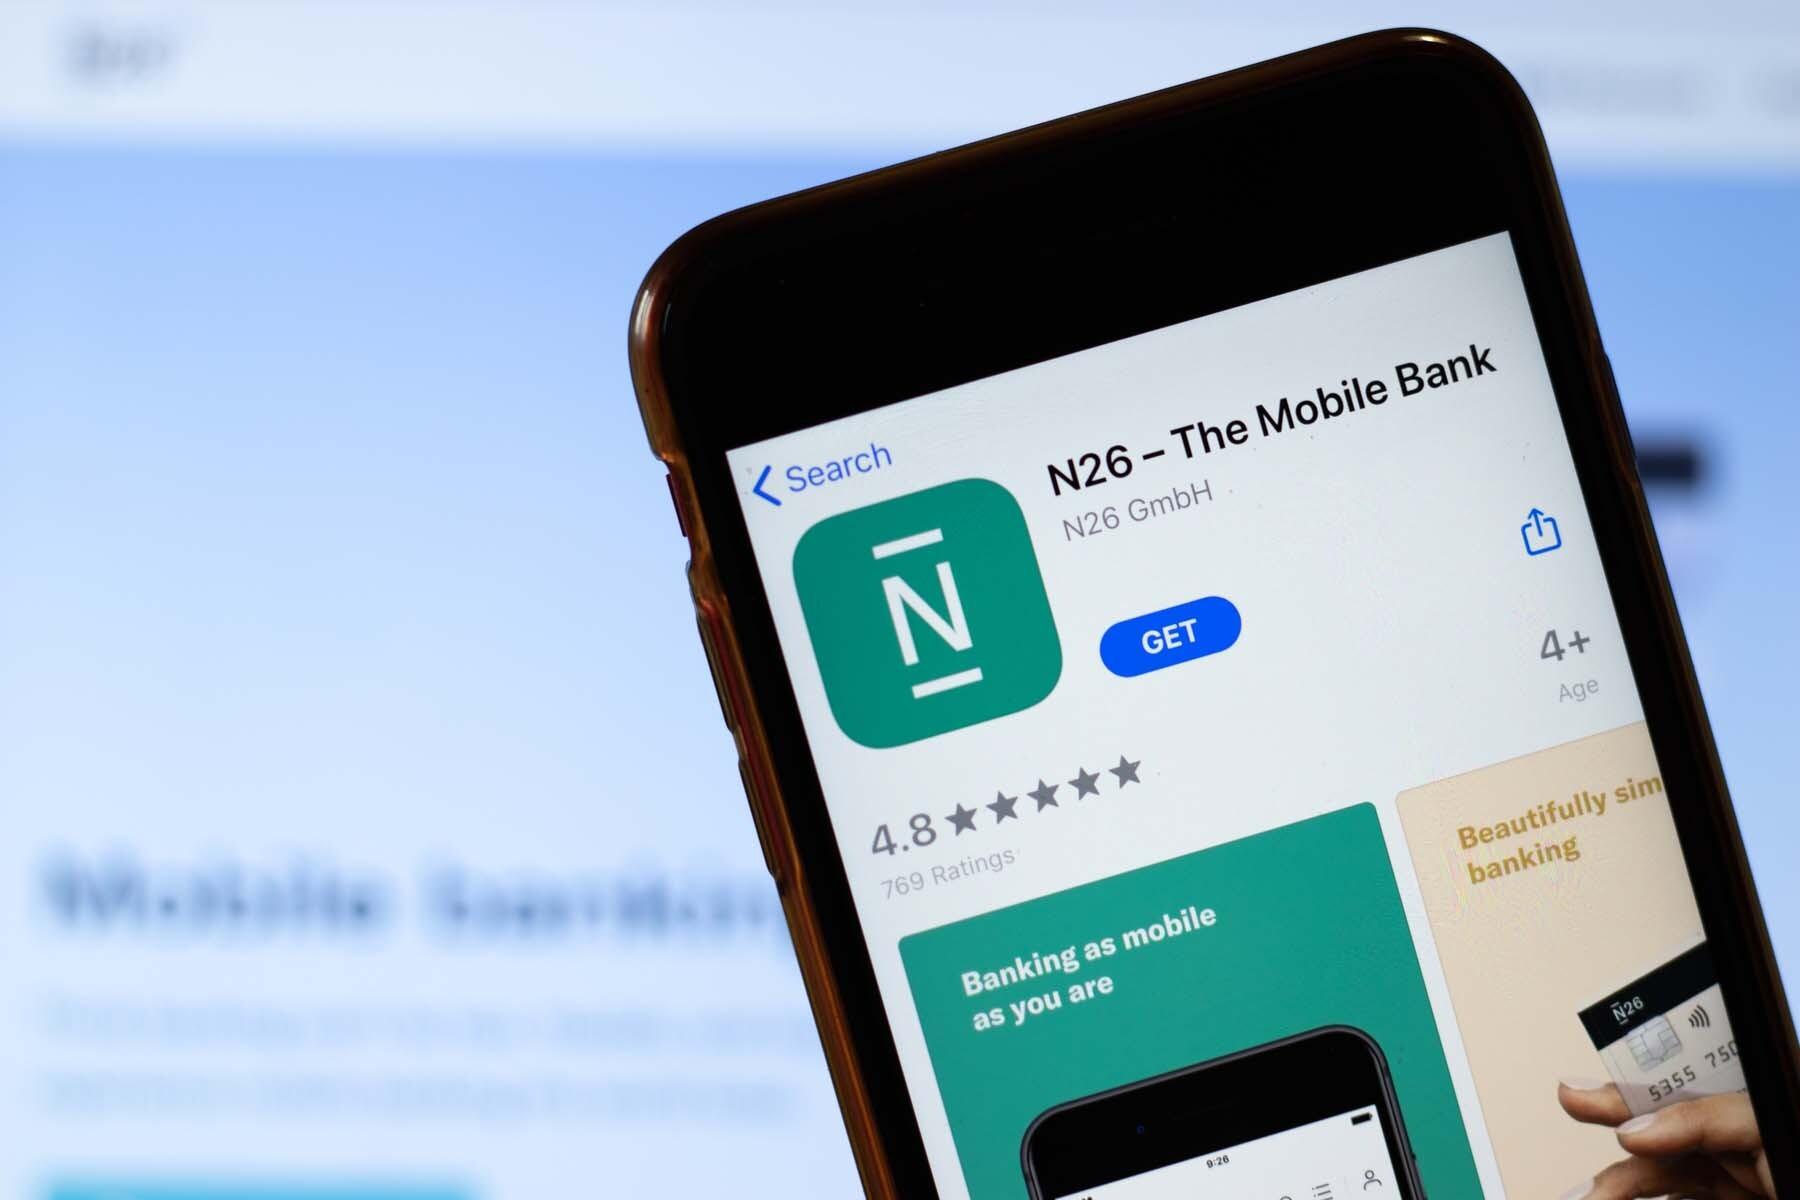 mobile bank n26